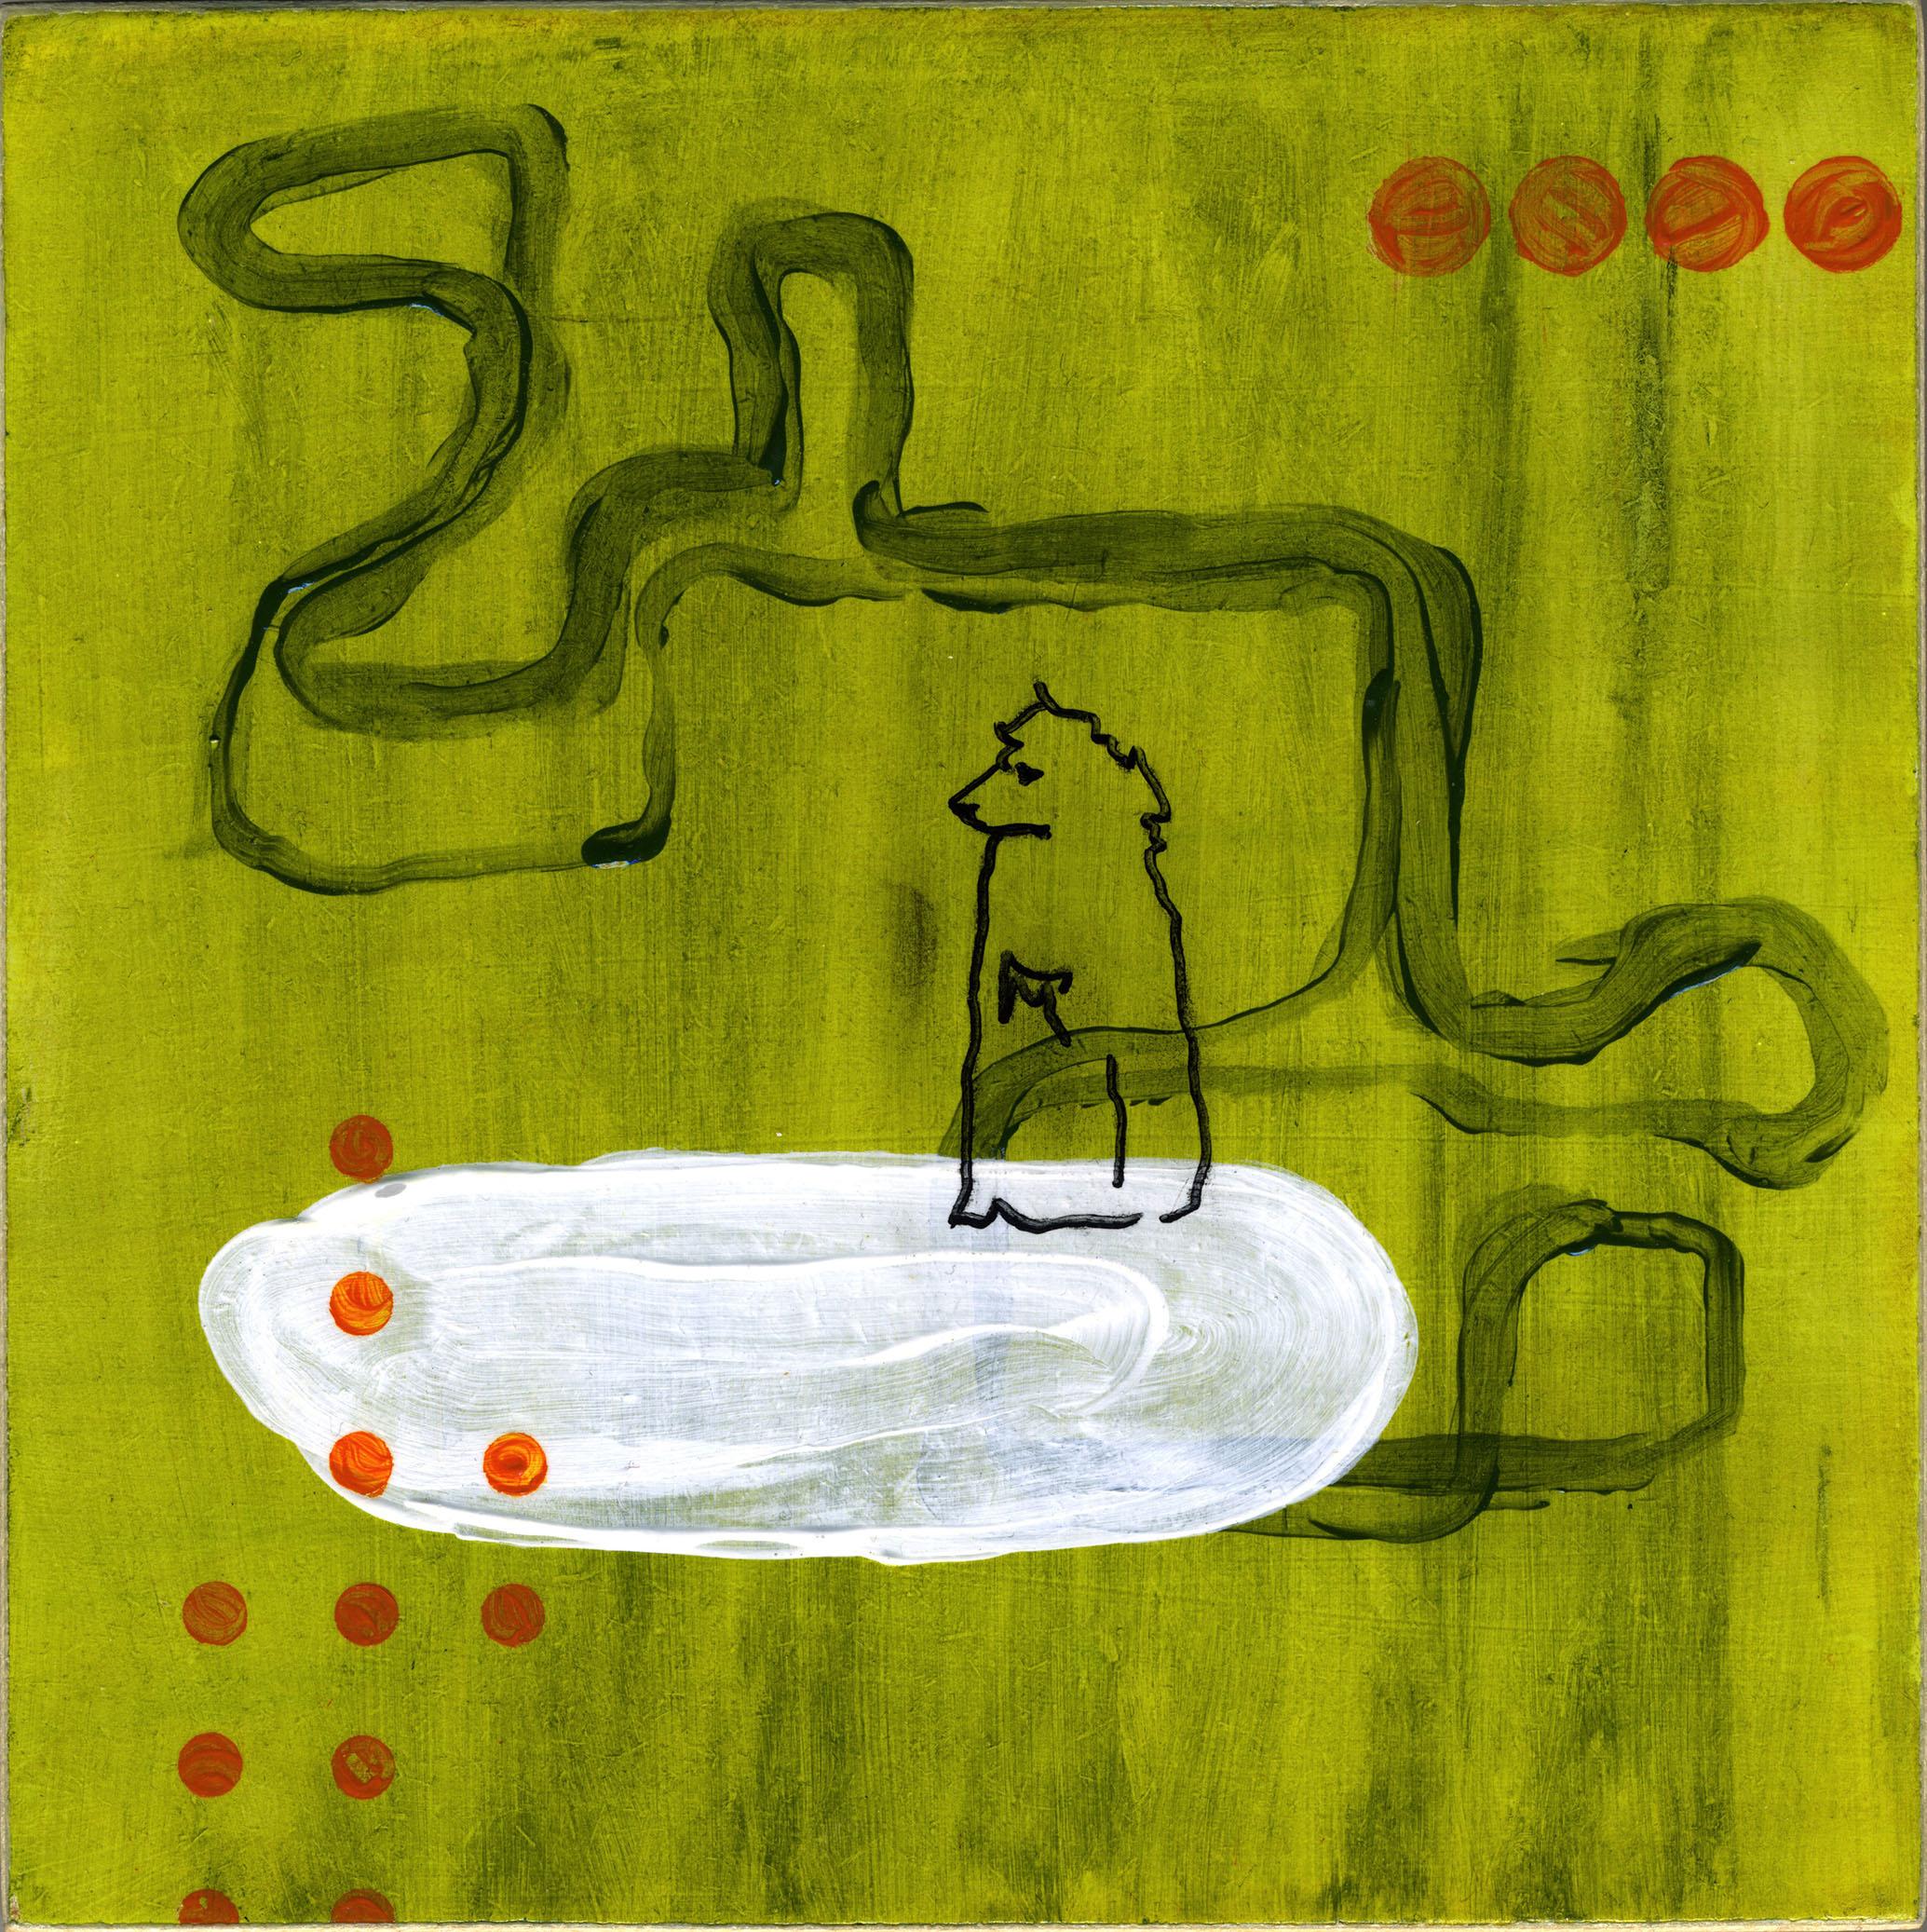 Watching Dog: Constellation of Understanding #6  2009 - 2010